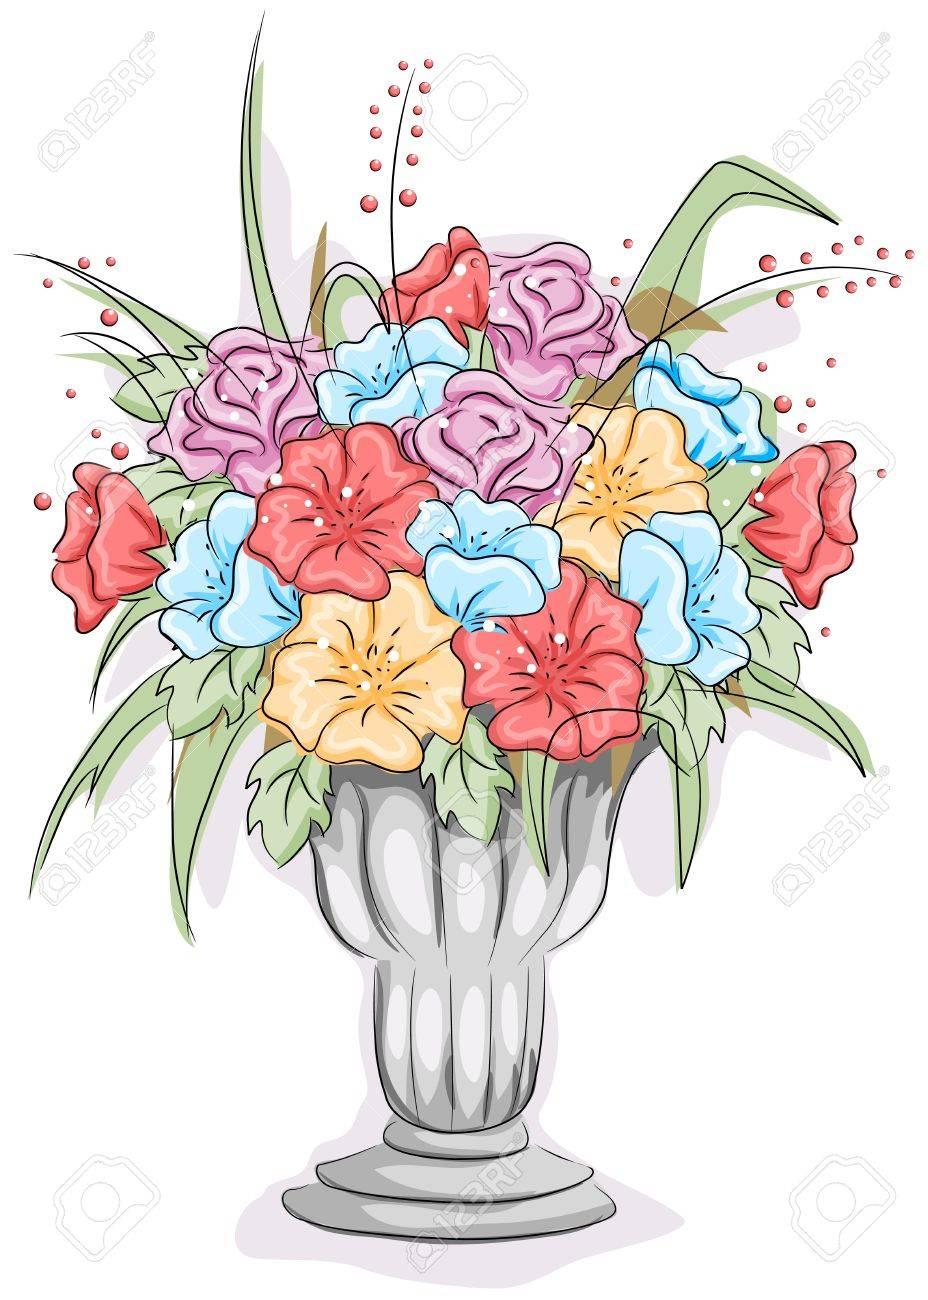 Illustration of a vase full of flowers stock photo picture and illustration of a vase full of flowers stock illustration 8550085 reviewsmspy